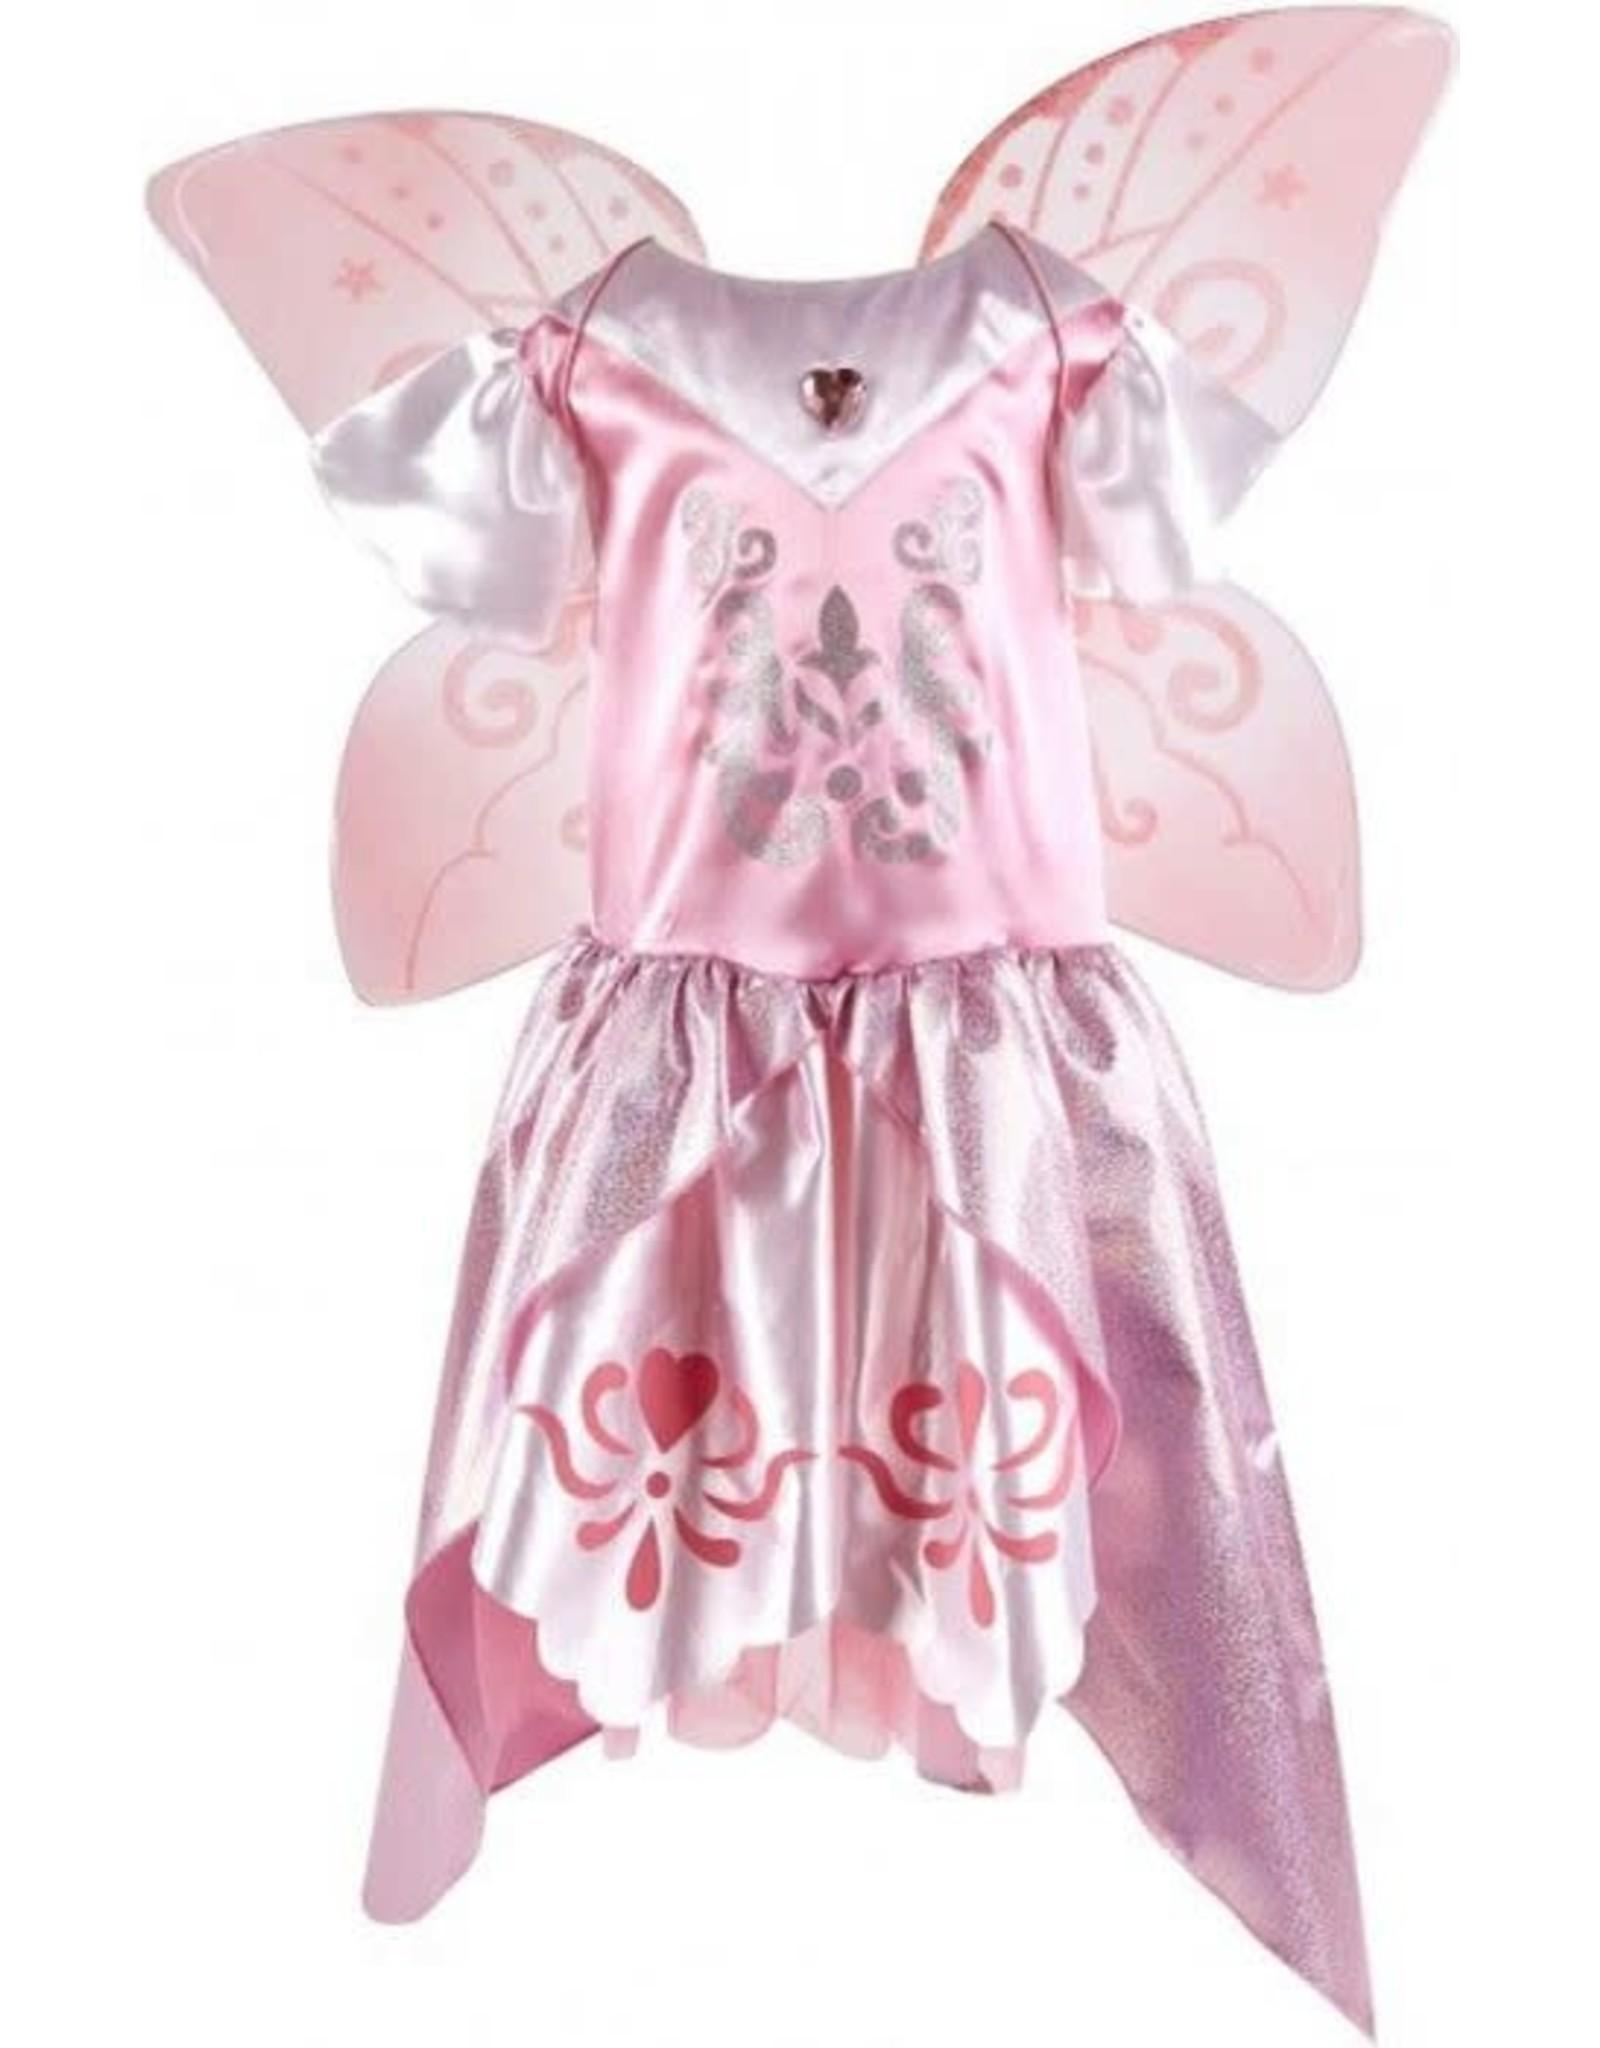 Kathe Kruse Kruselings Vera Magic Costume & Wings Medium